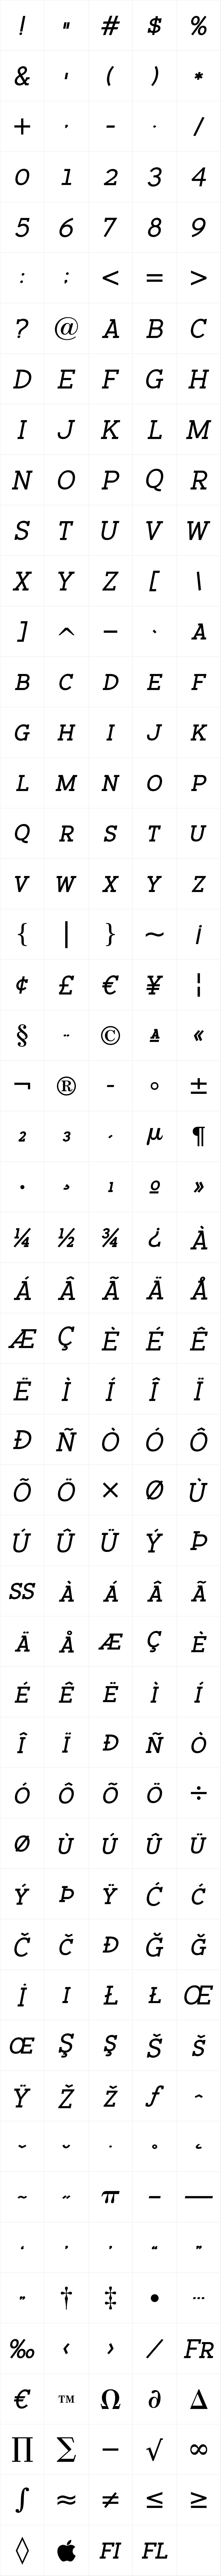 Backtalk Serif BTN SC Bold Oblique